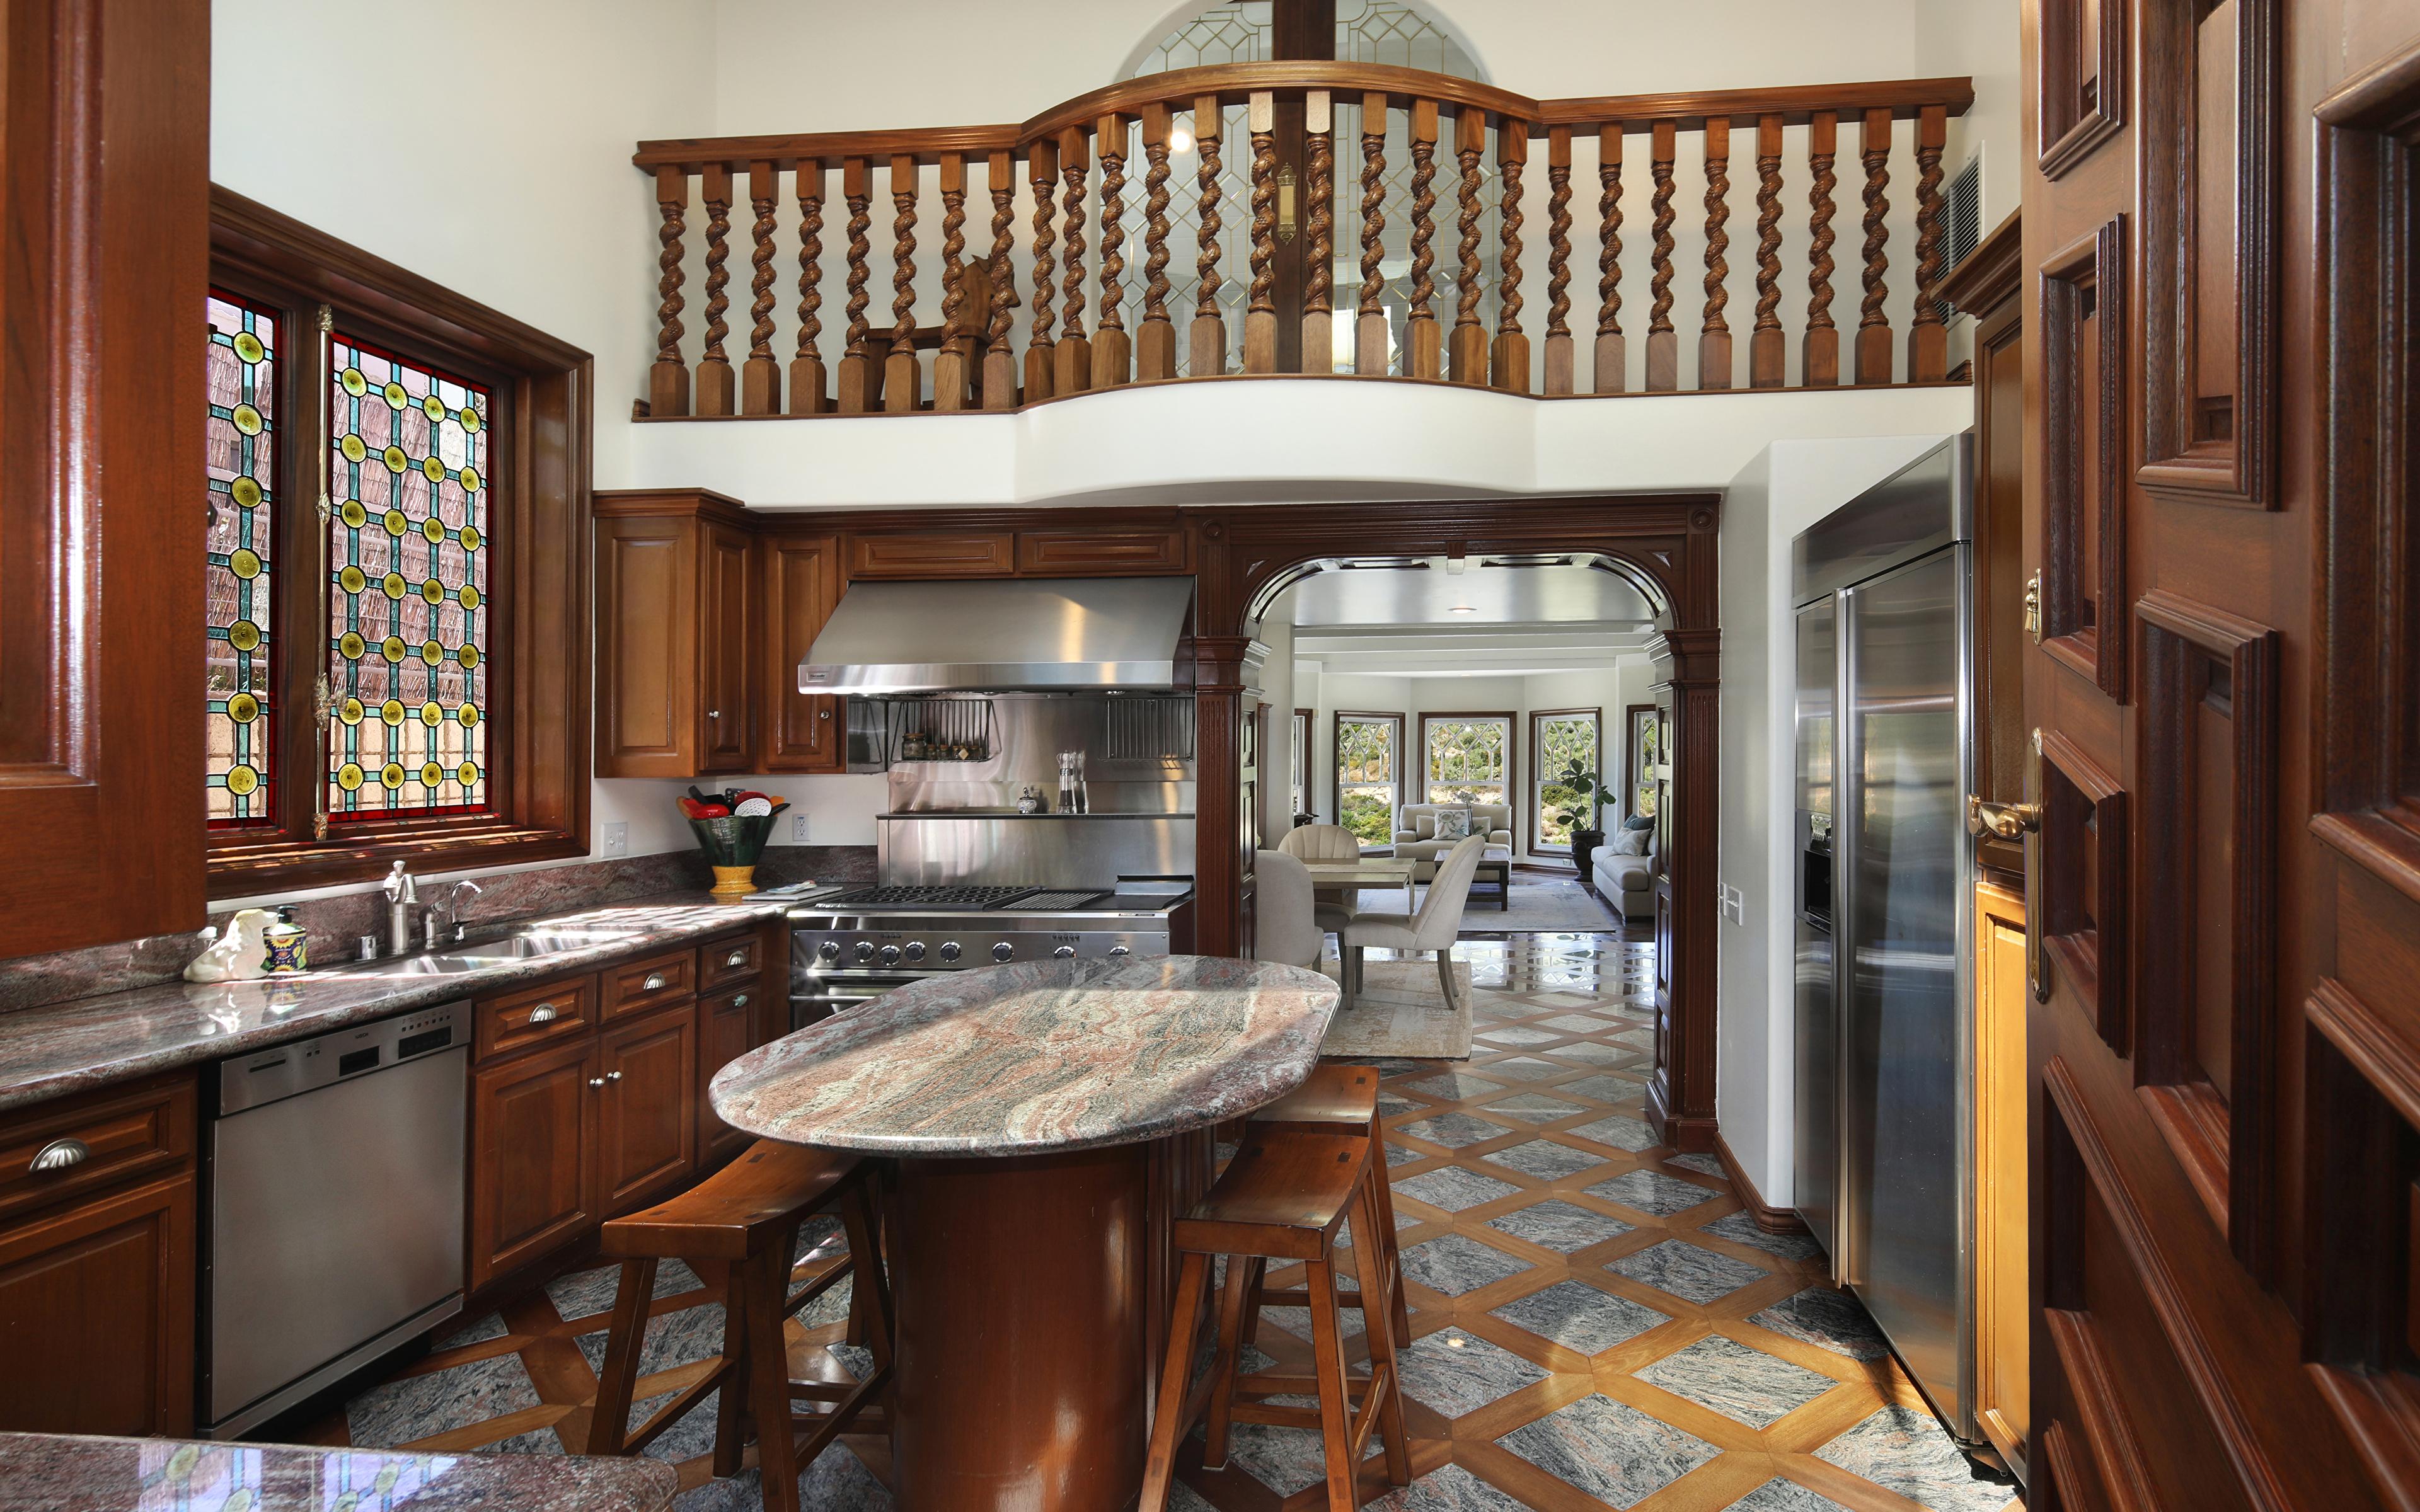 Фотографии кухни Интерьер стола дизайна 3840x2400 Кухня Стол столы Дизайн